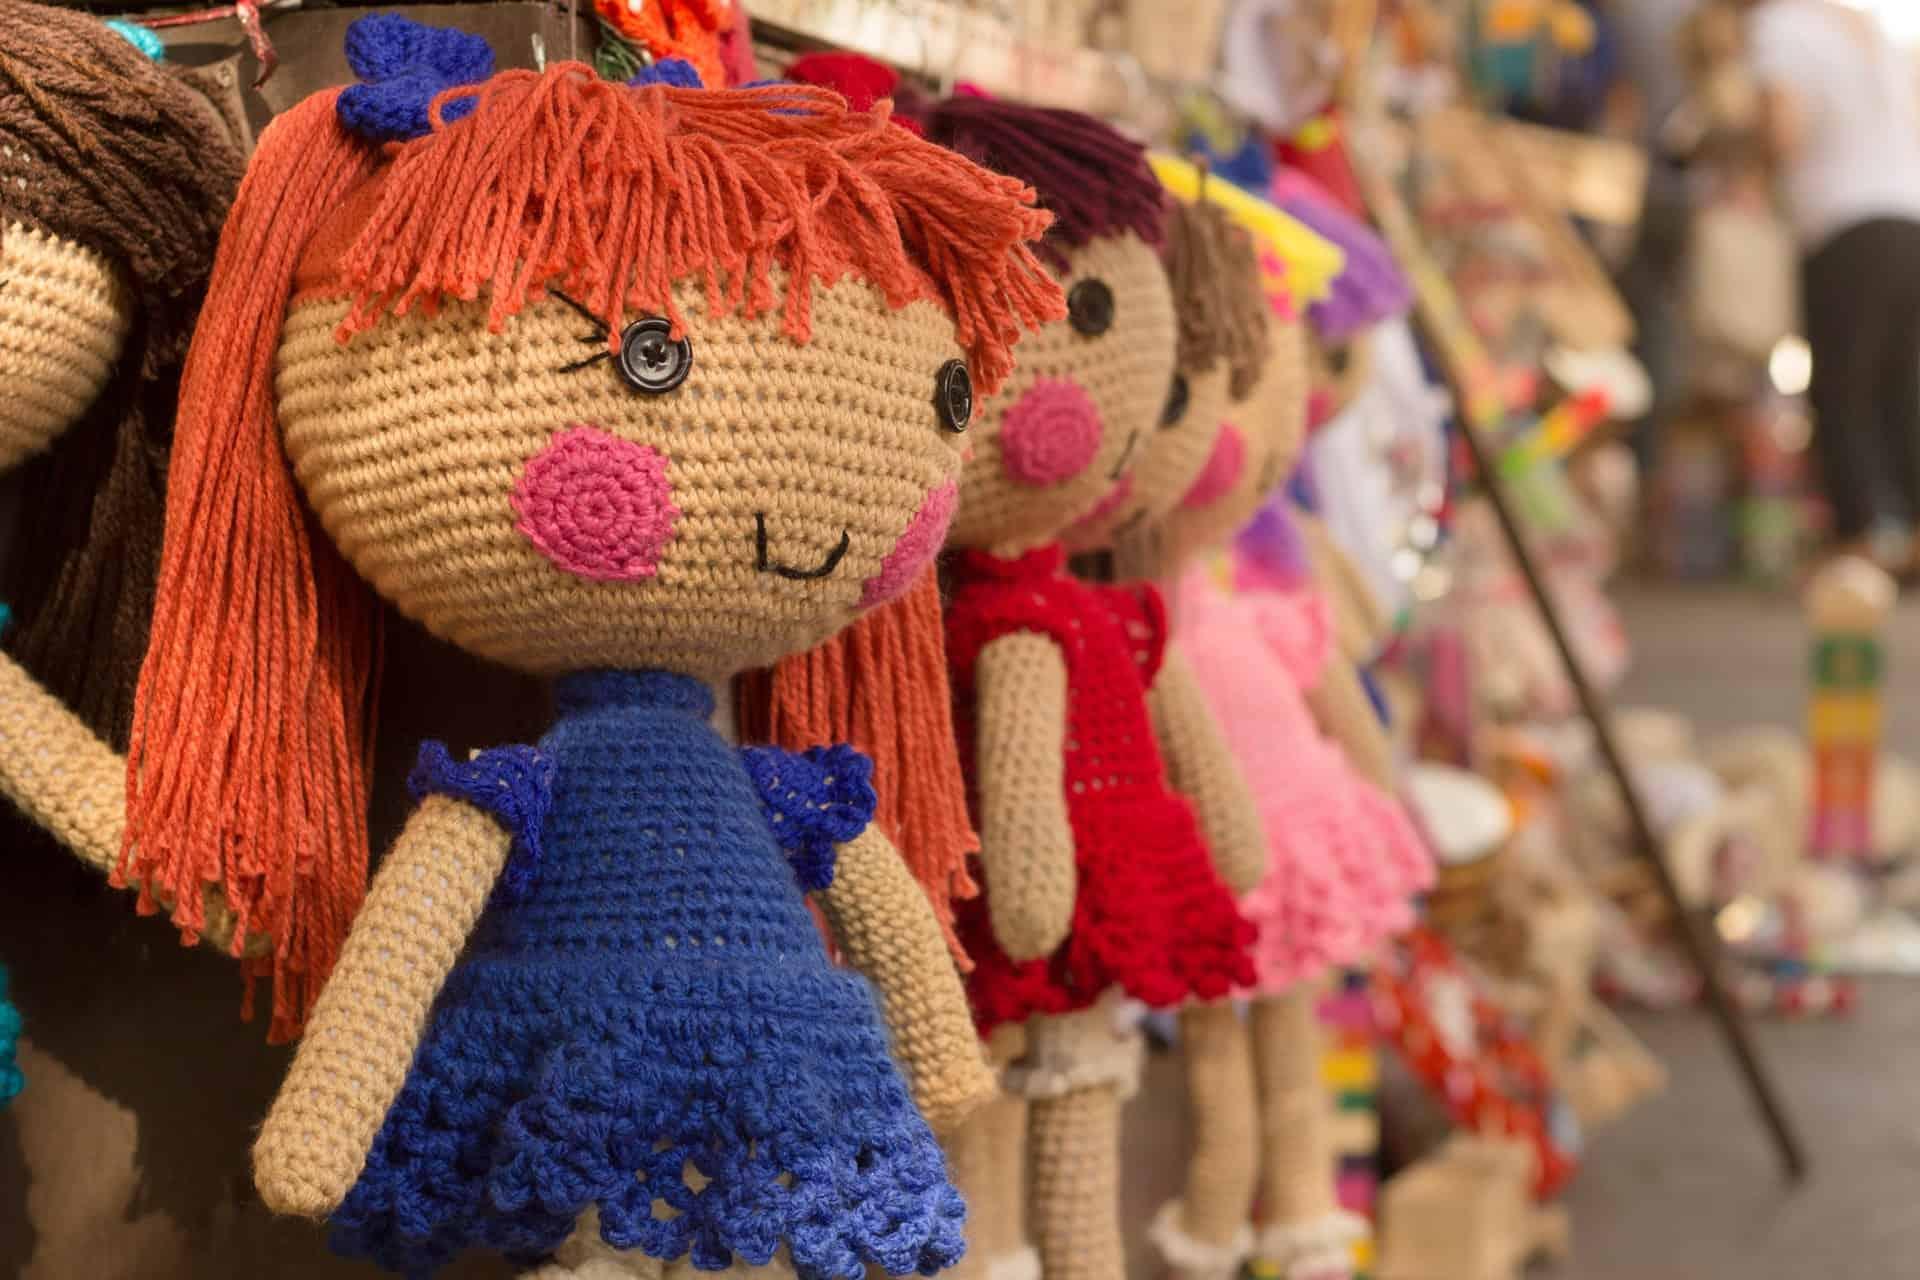 Foto com bonecas de pano bem coloridas penduradas para venda em uma loja.